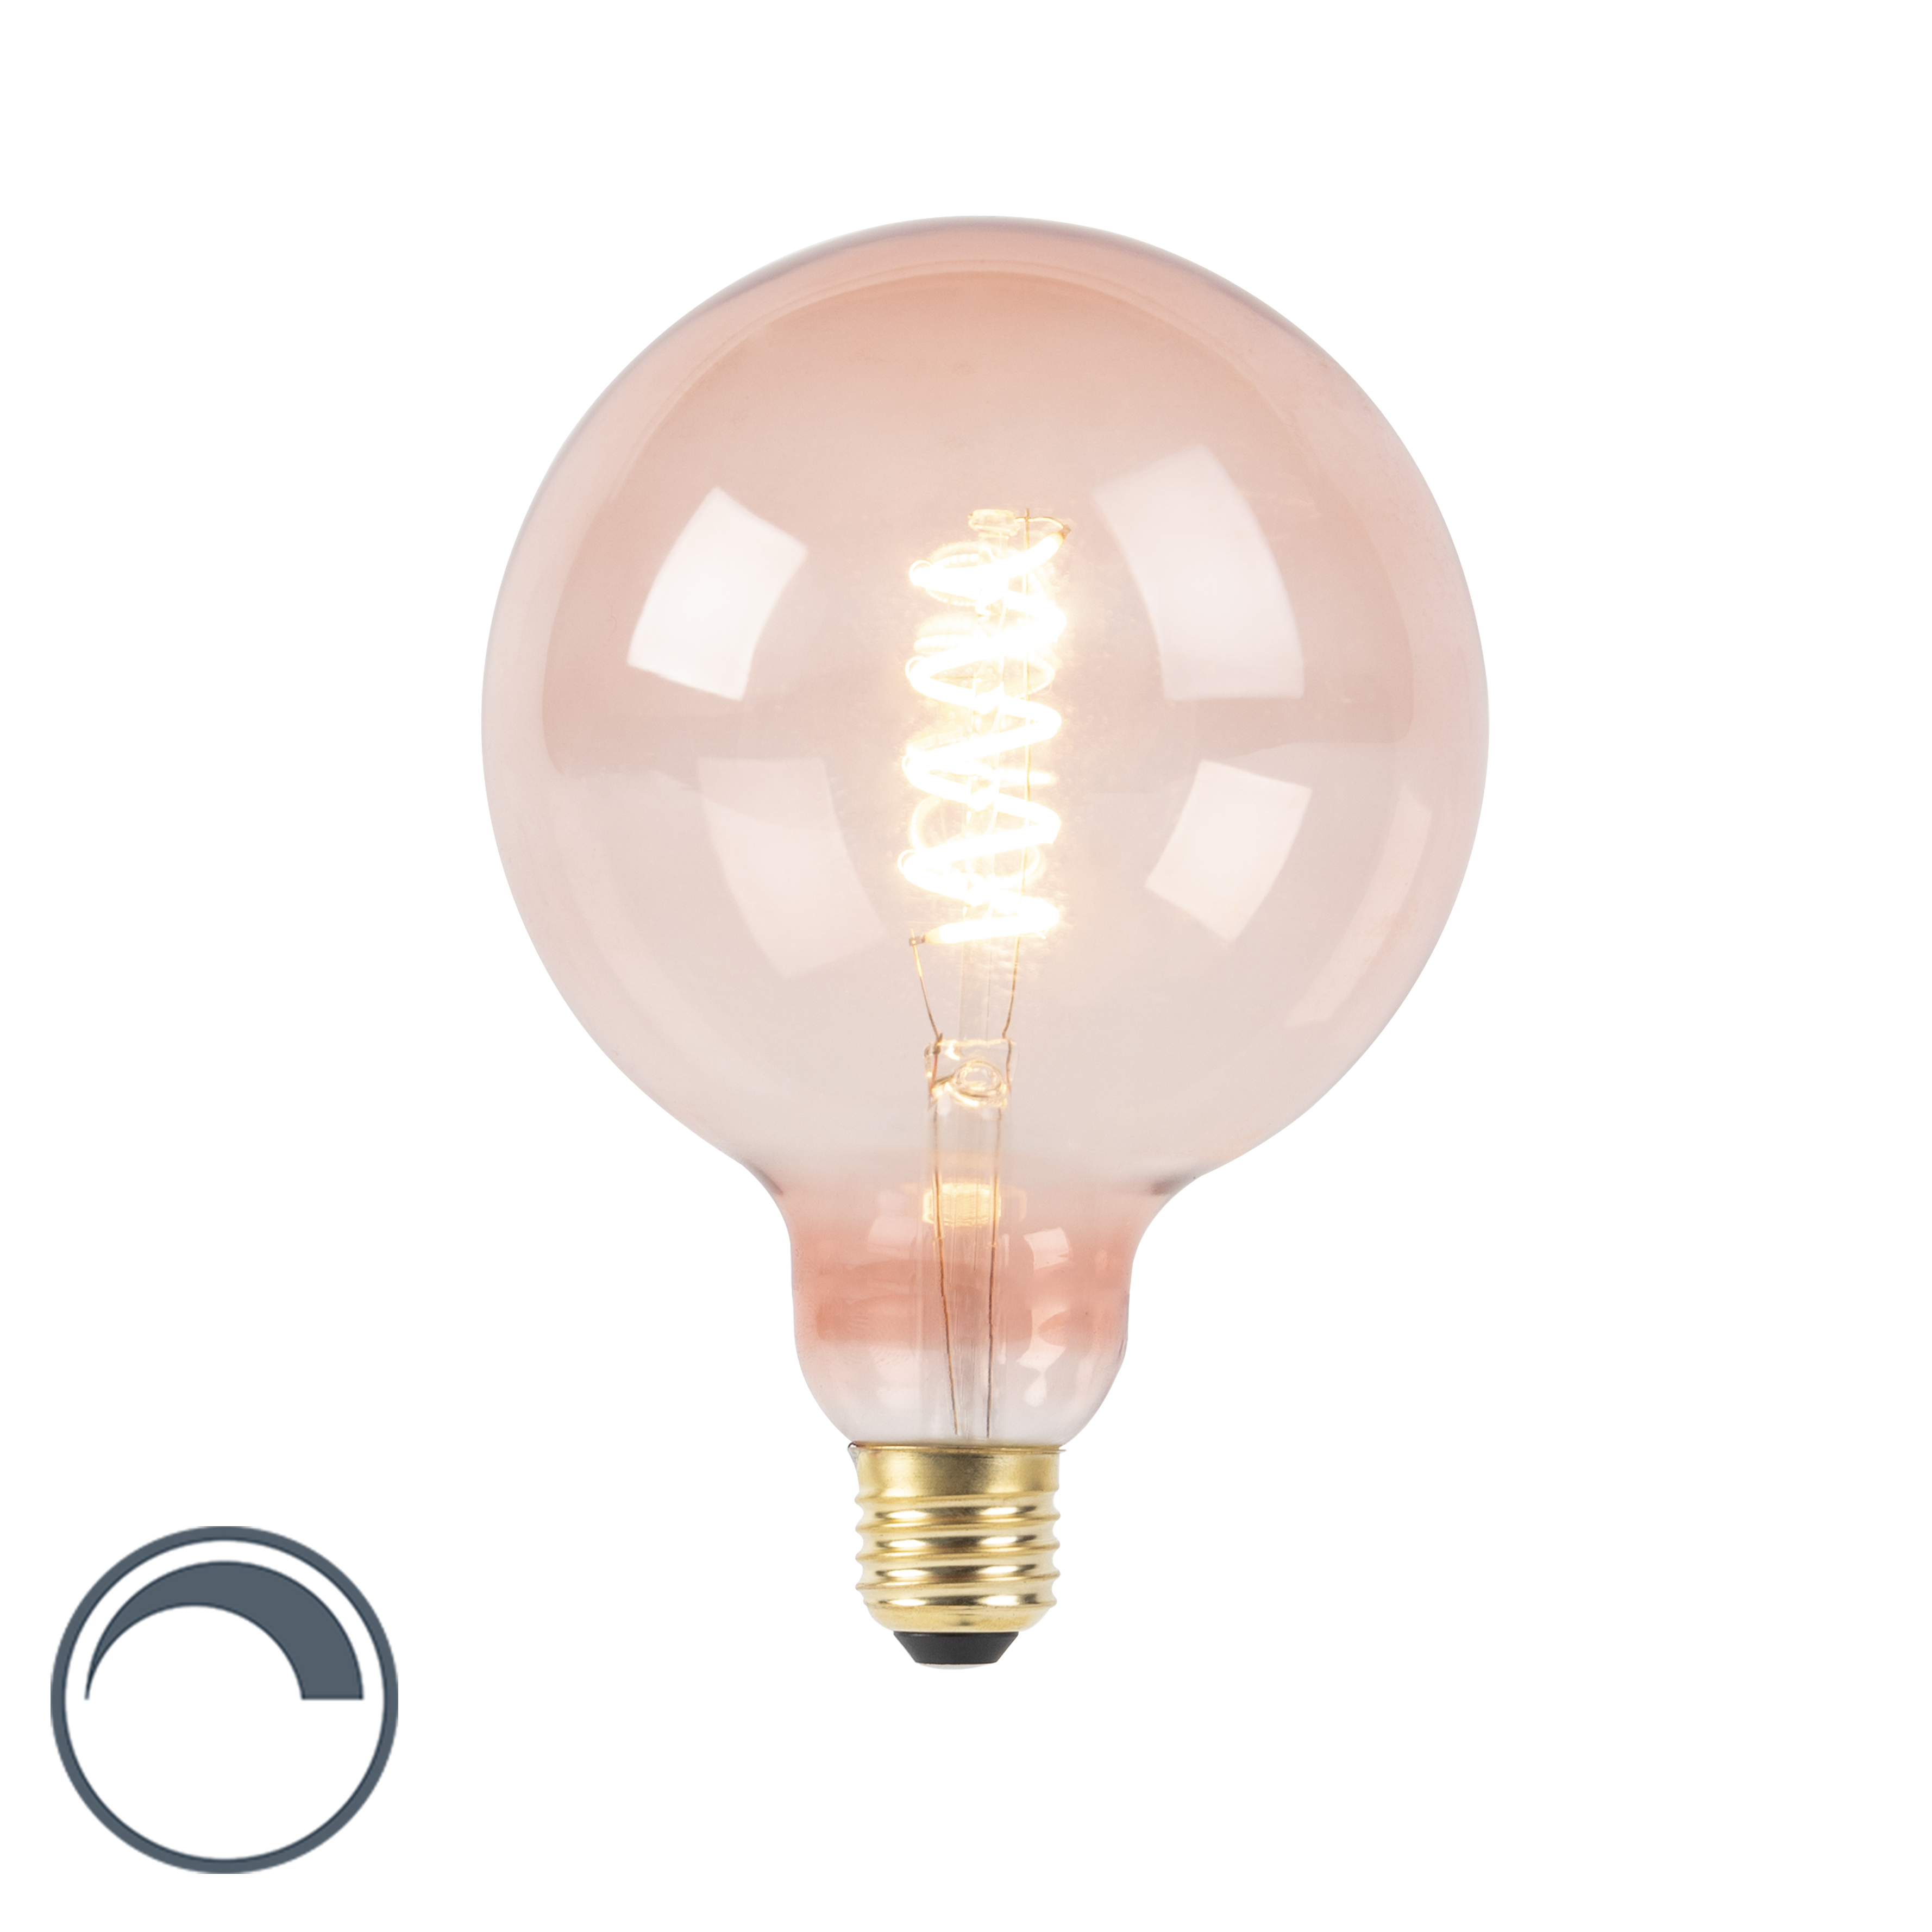 Żarówka LED E27 G125 spira filament różowa 200lm 2100K ściemnialna